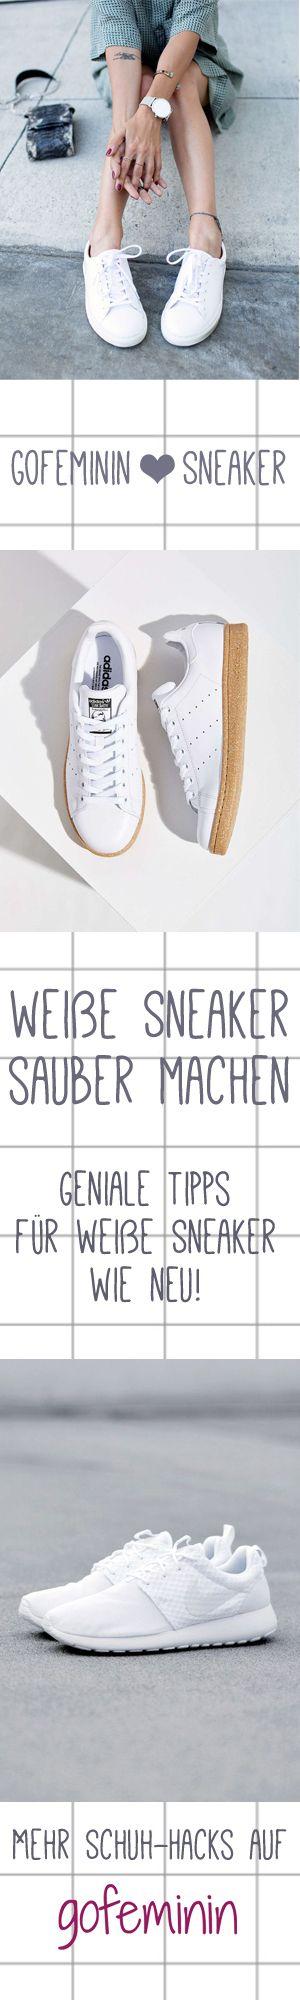 Eure weißen Sneaker sind dreckig? Mit diesen 6 genialen Tricks bekommt ihr sie wieder strahlend weiß! http://www.gofeminin.de/styling-tipps/weisse-turnschuhe-reinigen-s1387714.html #sneaker #wihtesneaker #weißeturnschuhe #tipps #weißeschuhesauber #lifehacks #shoehacks